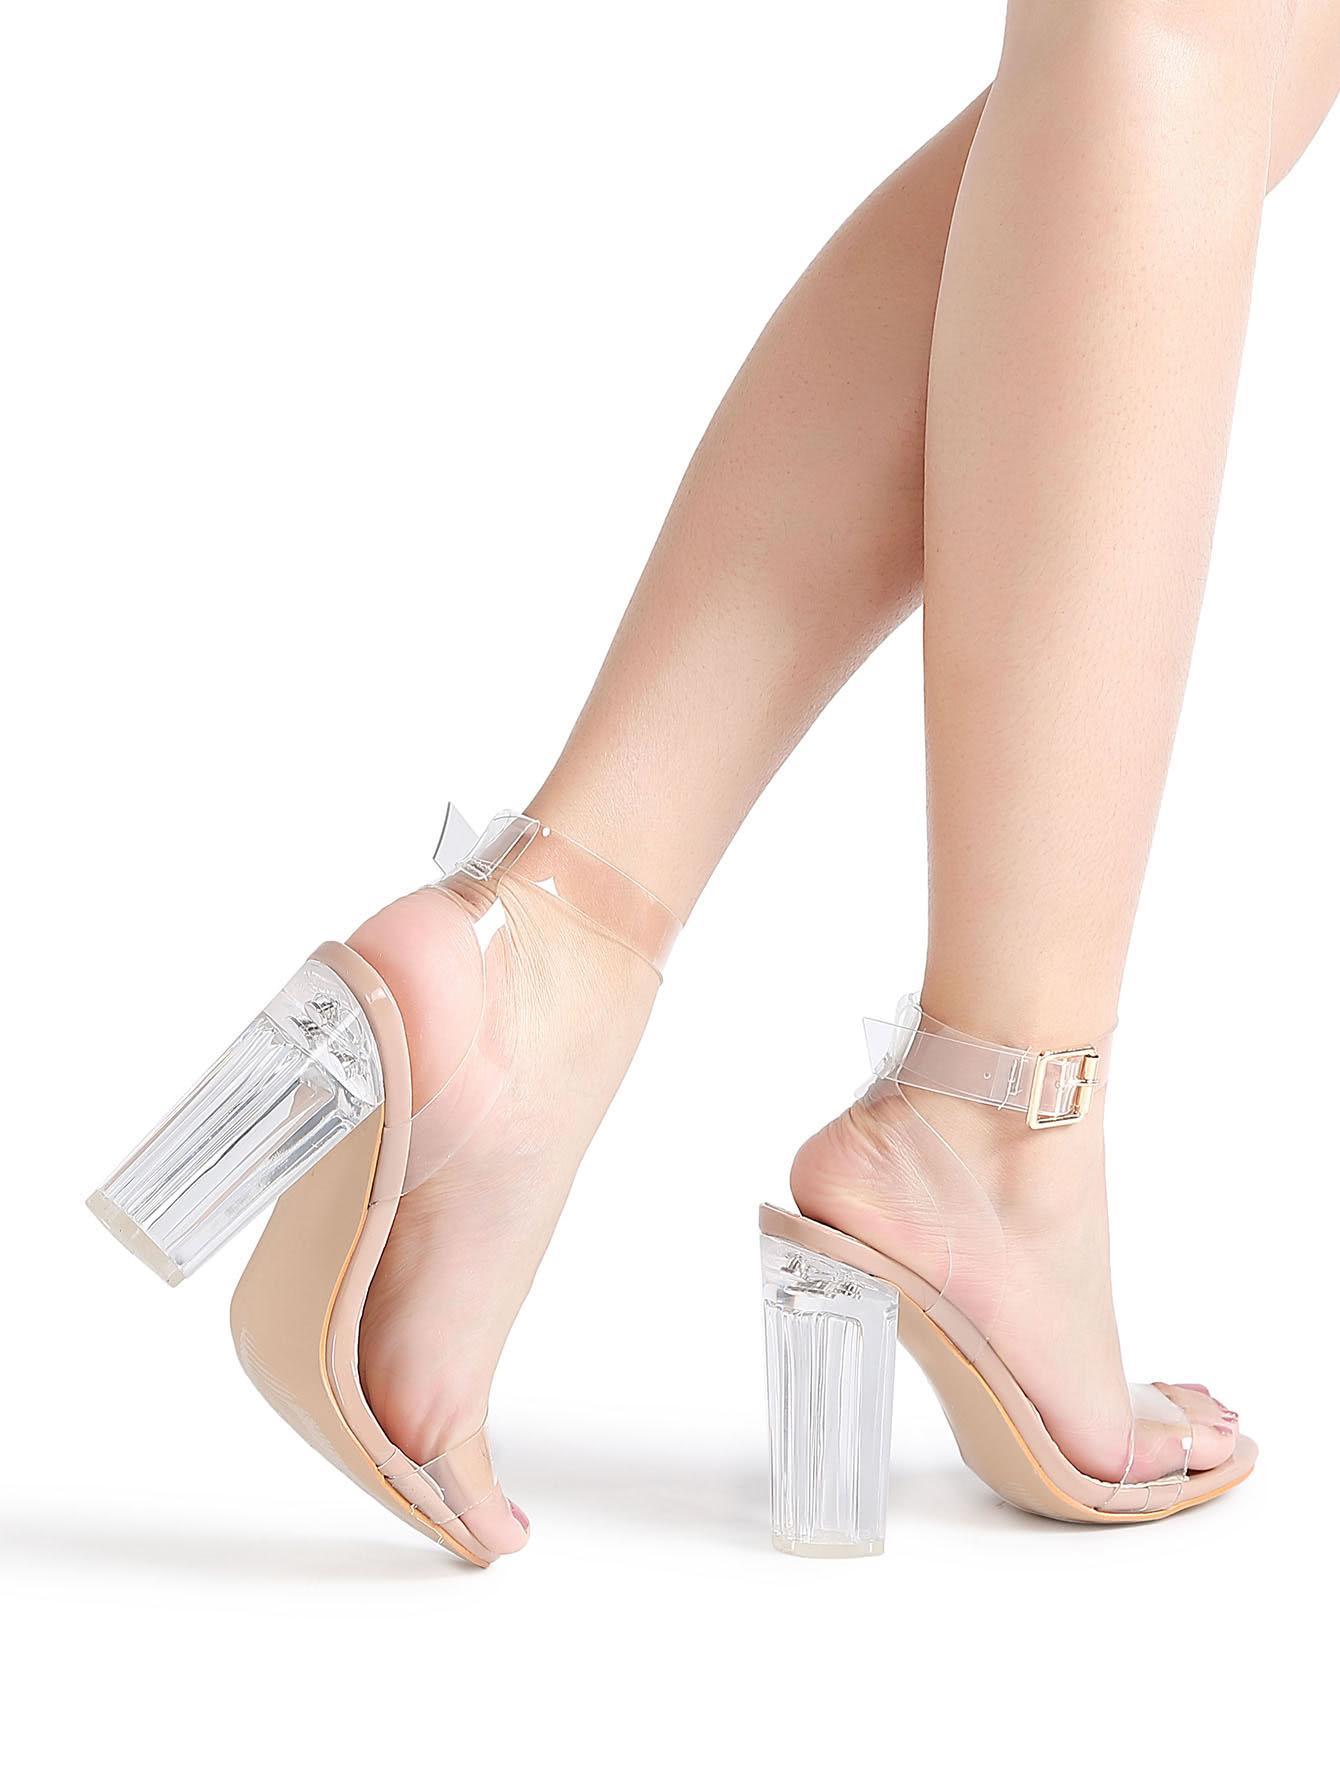 shoes170308808_2